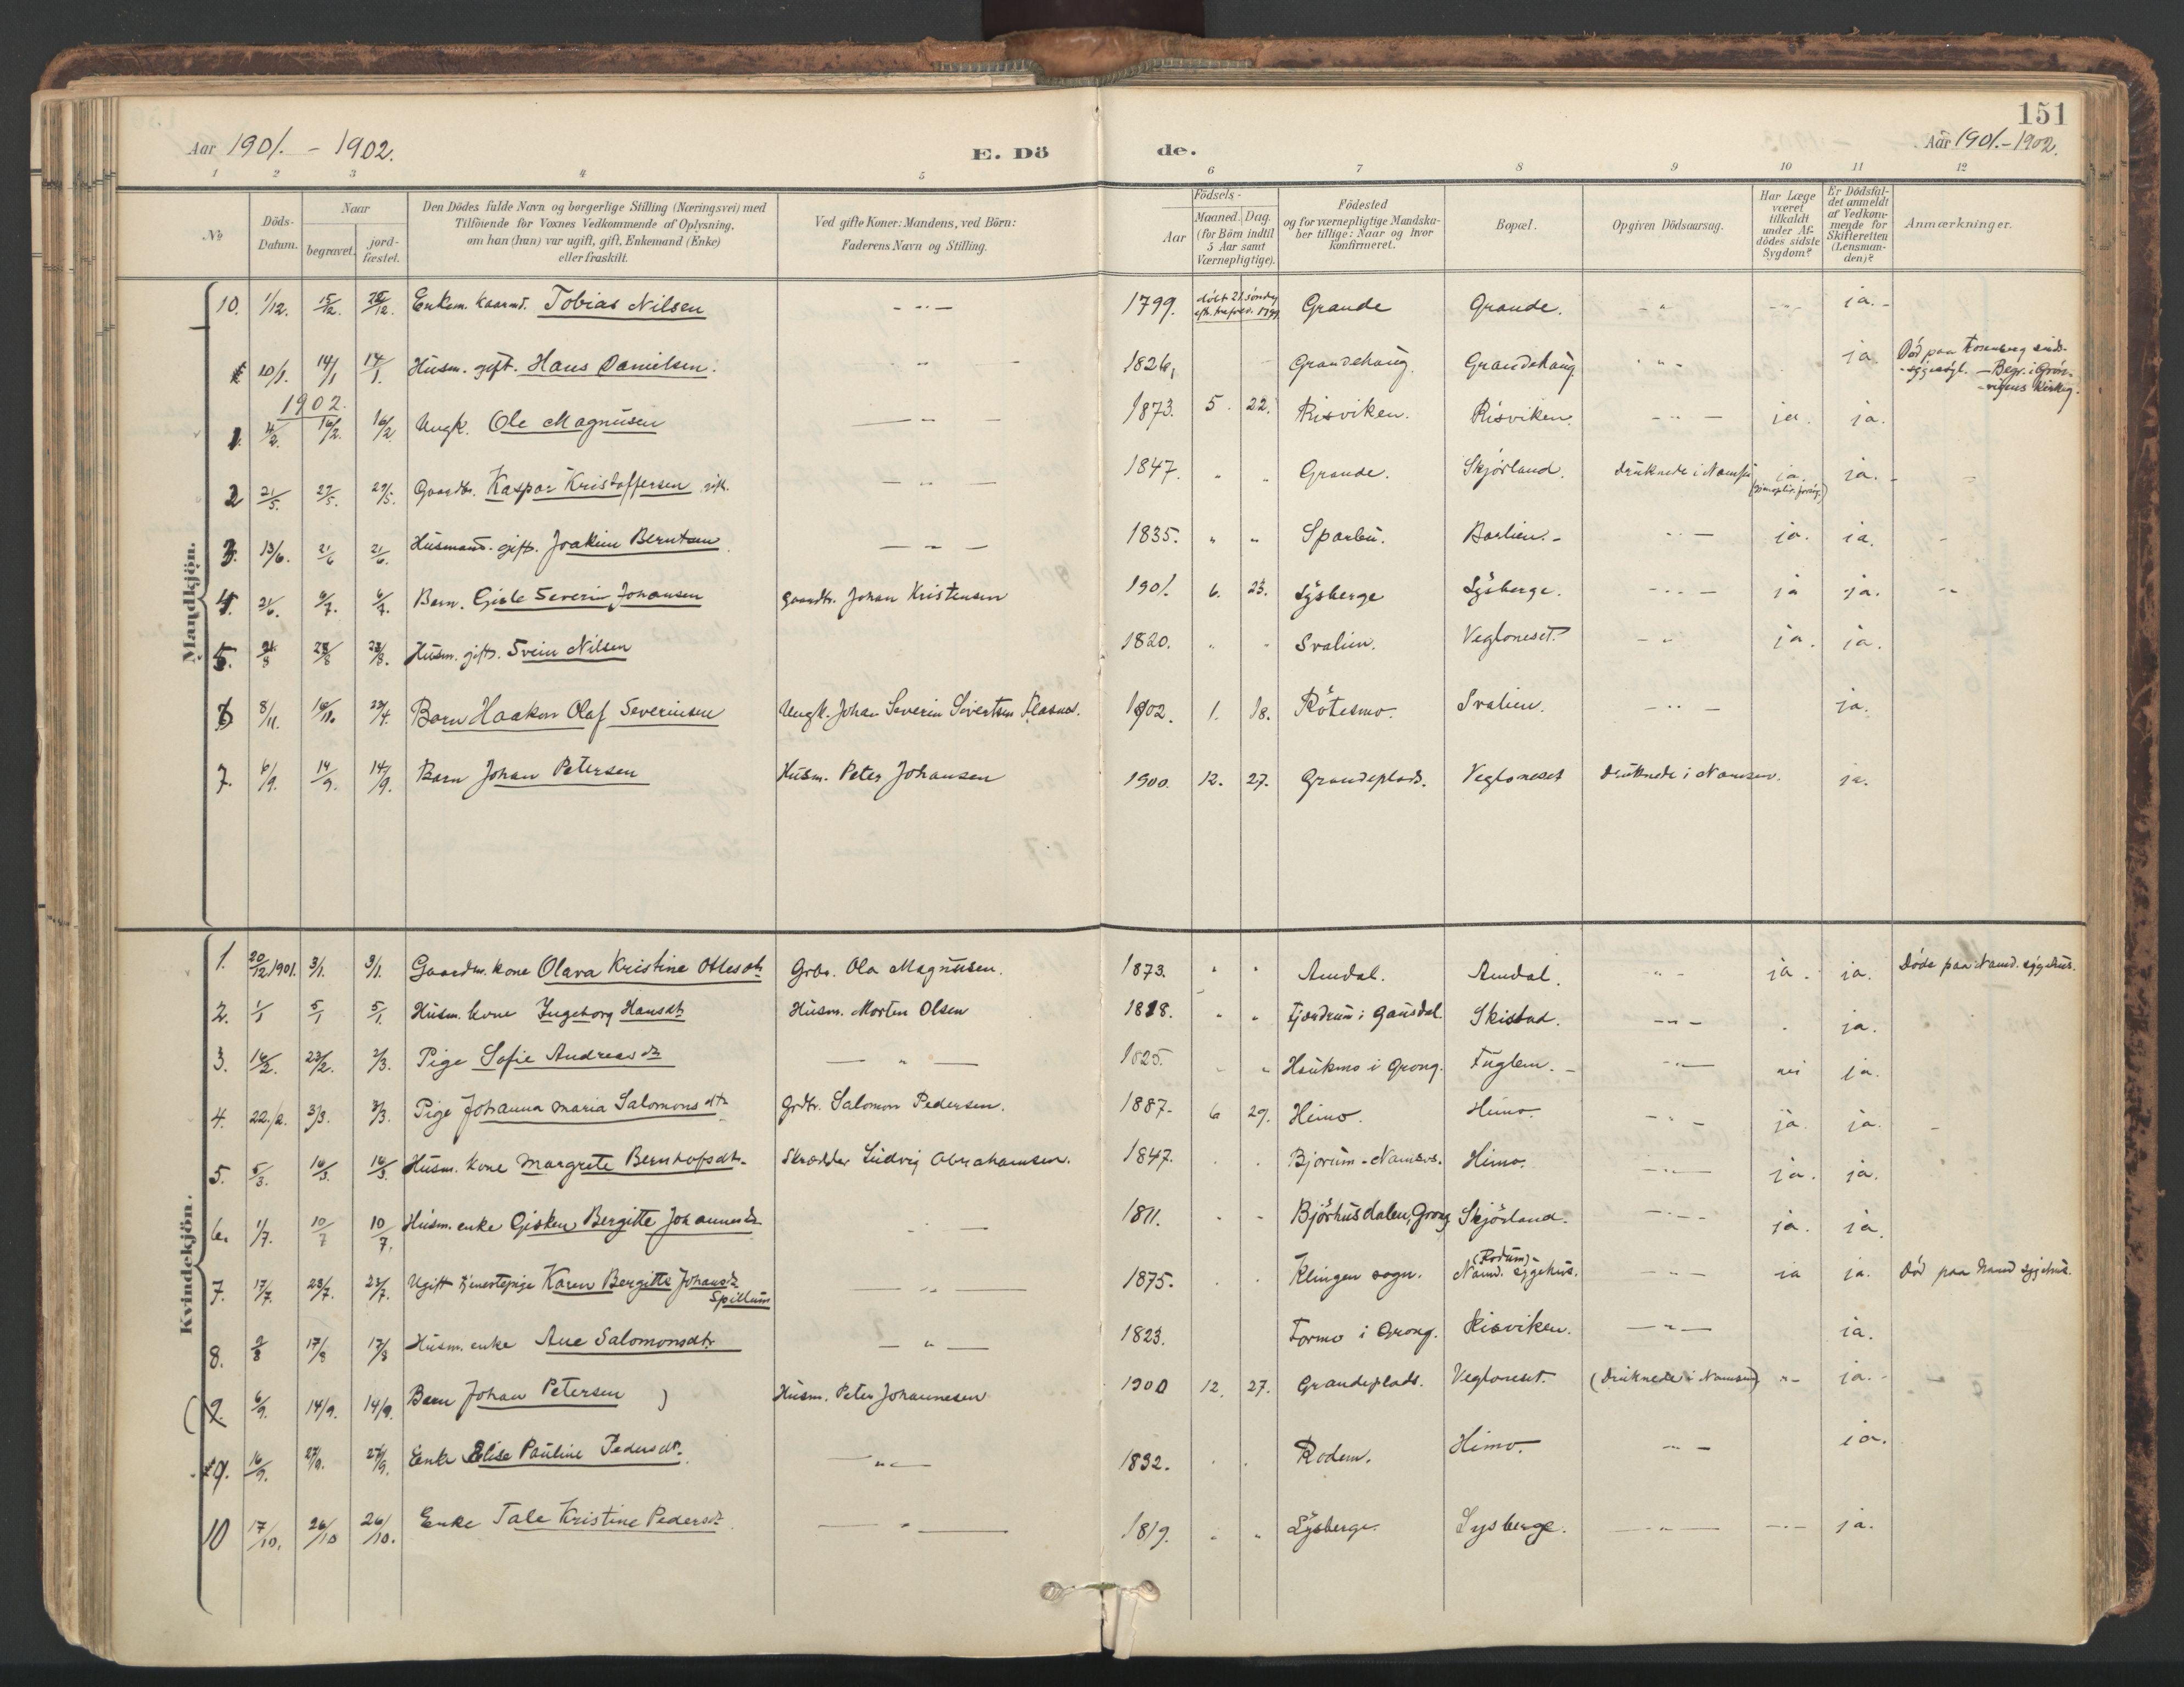 SAT, Ministerialprotokoller, klokkerbøker og fødselsregistre - Nord-Trøndelag, 764/L0556: Ministerialbok nr. 764A11, 1897-1924, s. 151